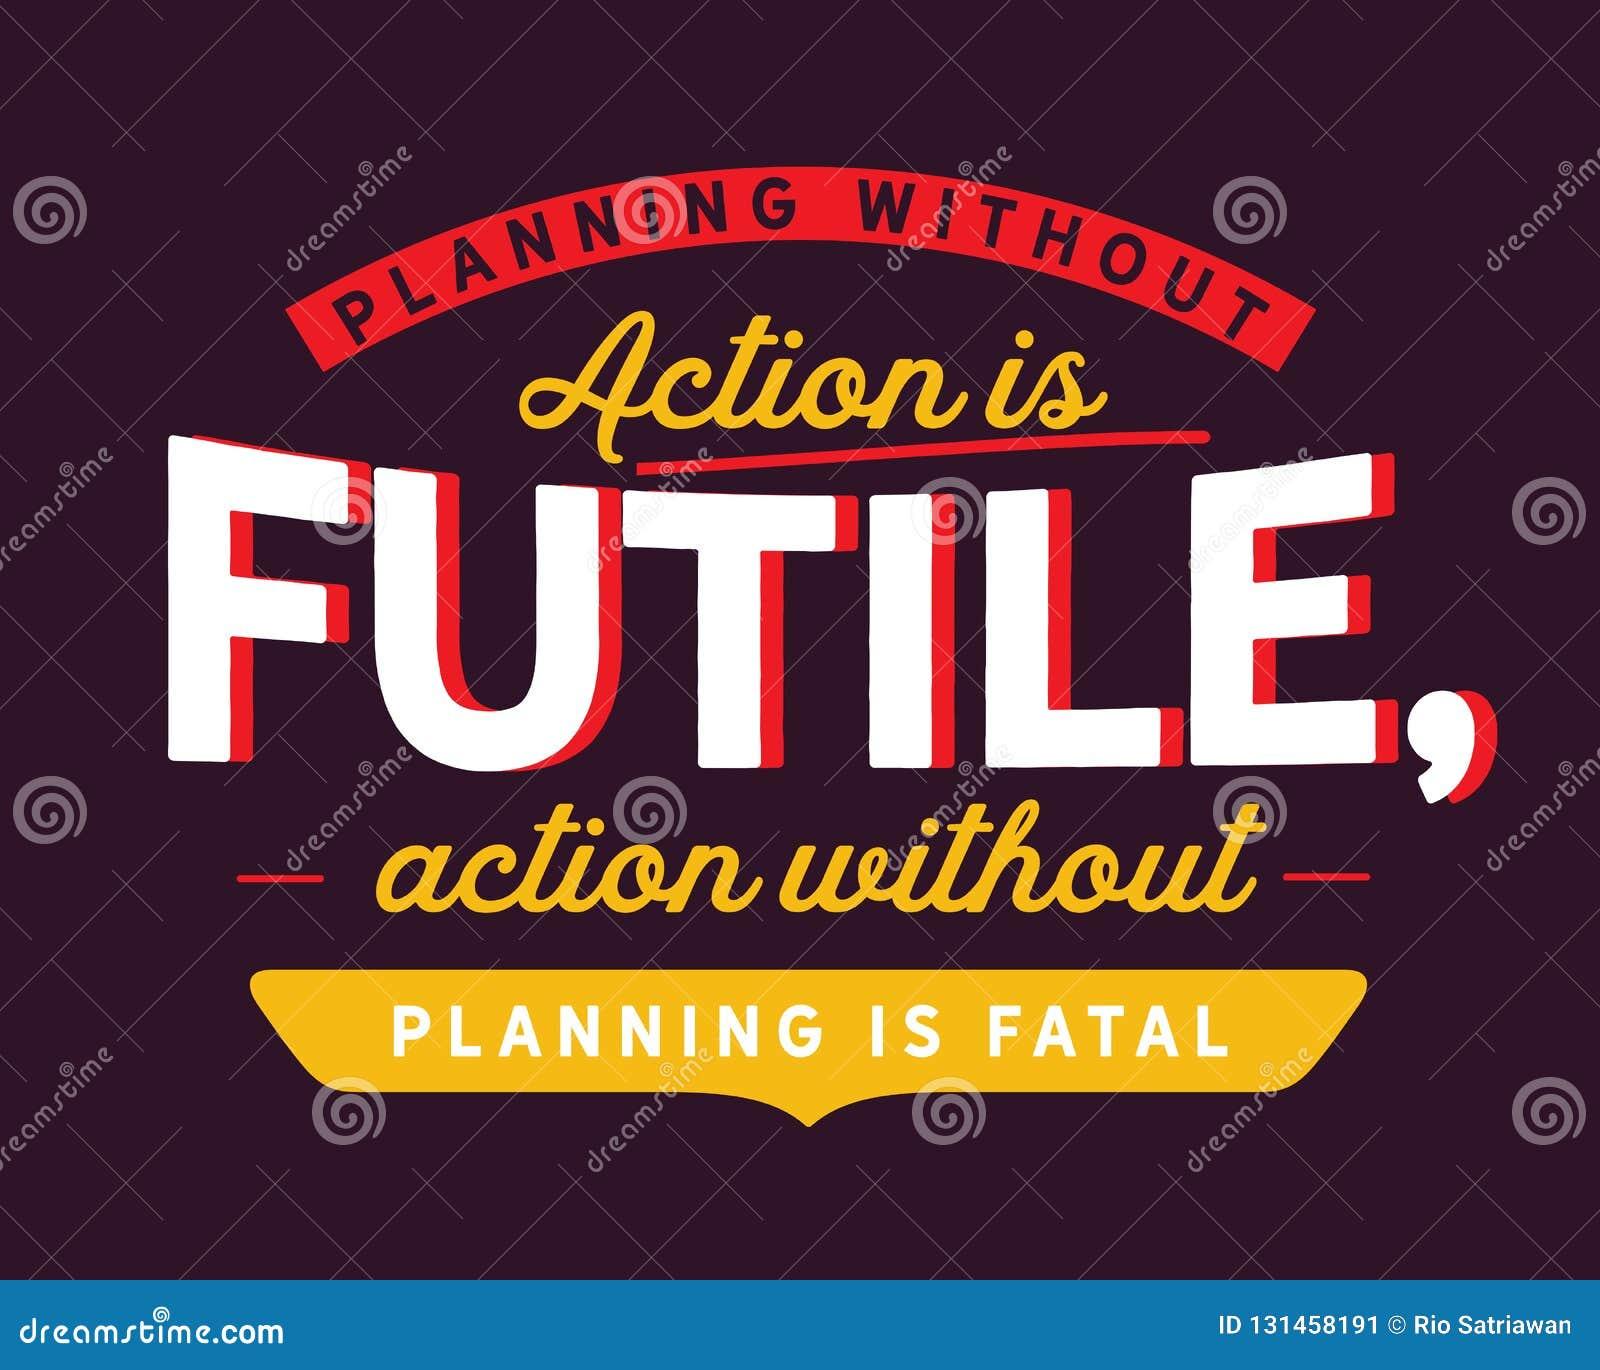 Планирование без действия безрезультатно, действие без планирования смертоносно